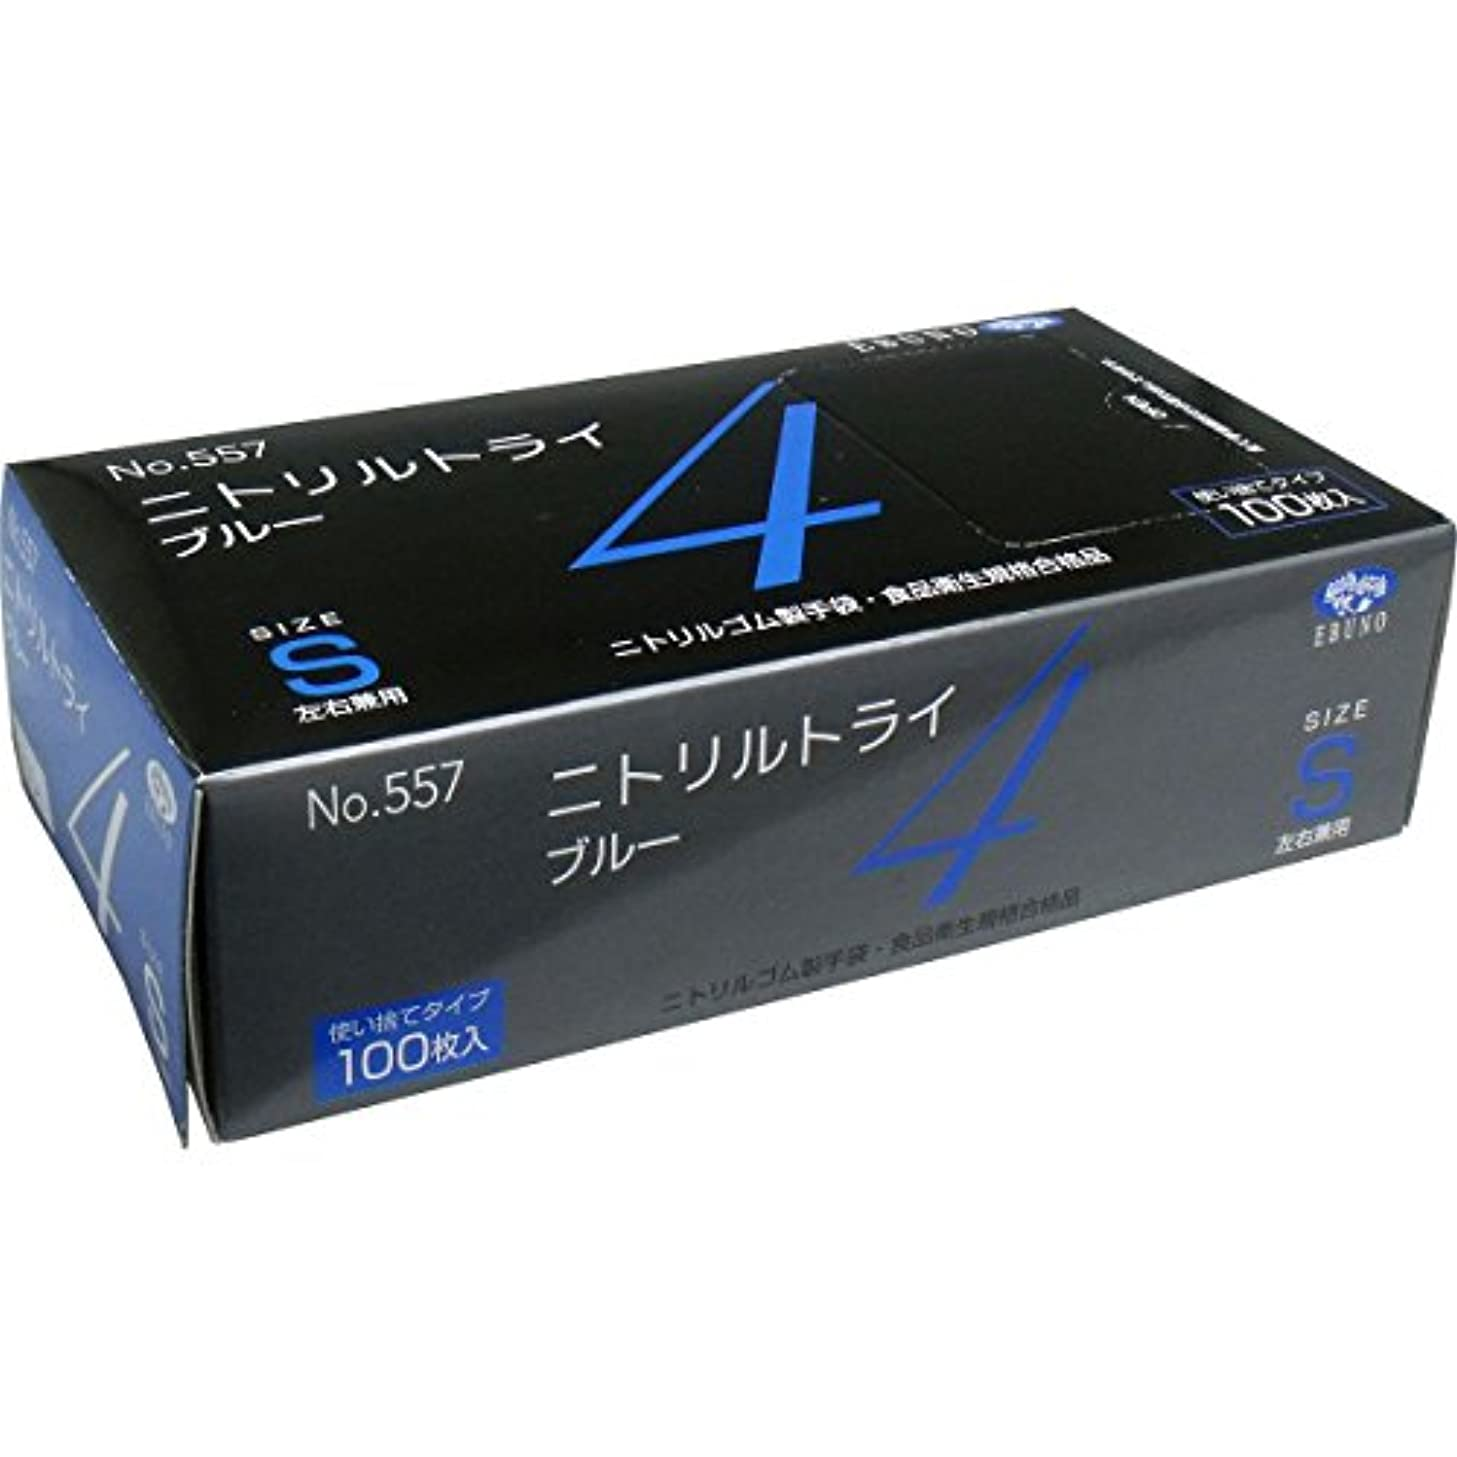 悪性腫瘍前者アプトニトリルトライ4 №557 ブルー 粉付 Sサイズ 100枚入